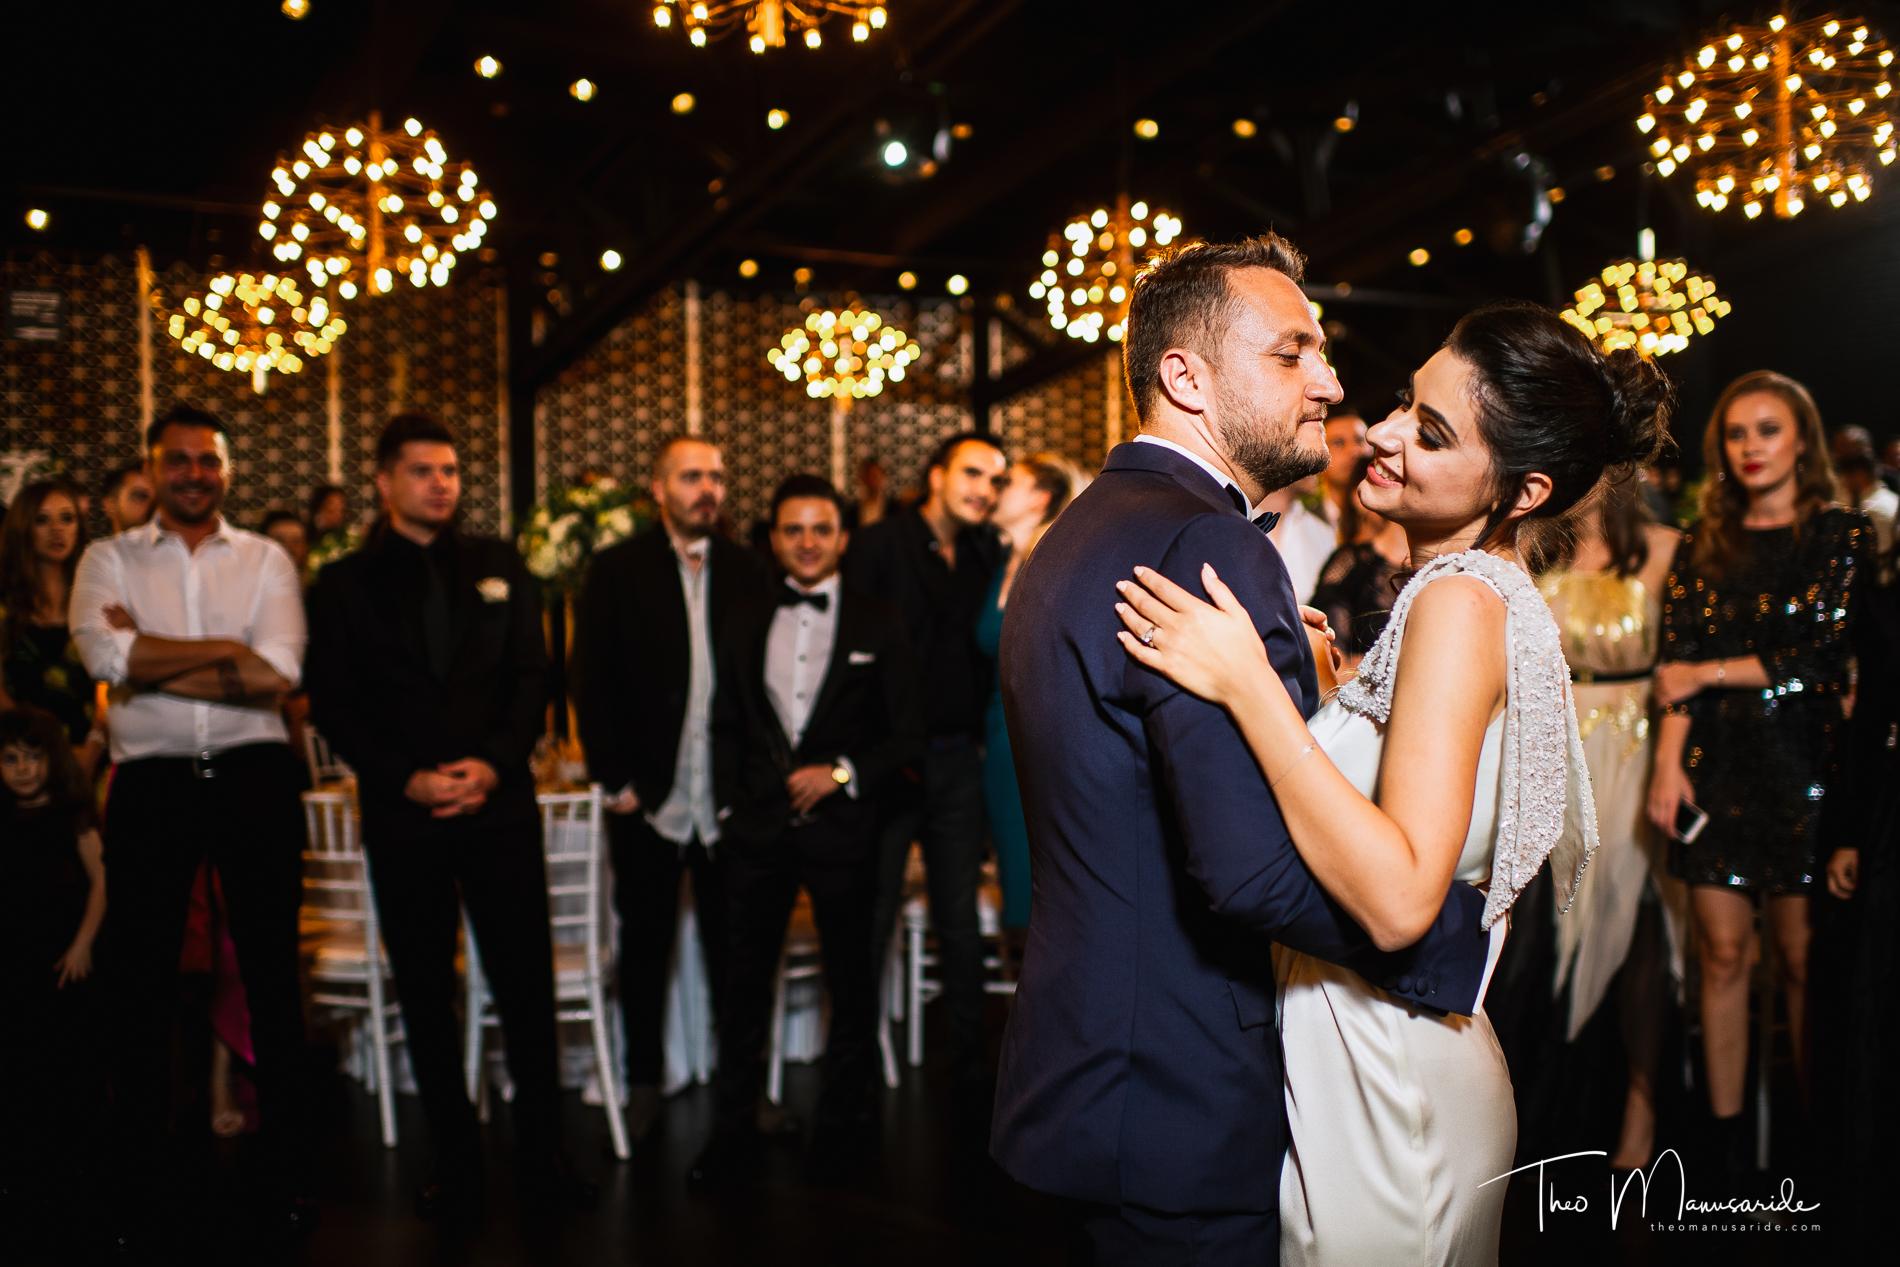 fotograf nunta fratelli-49